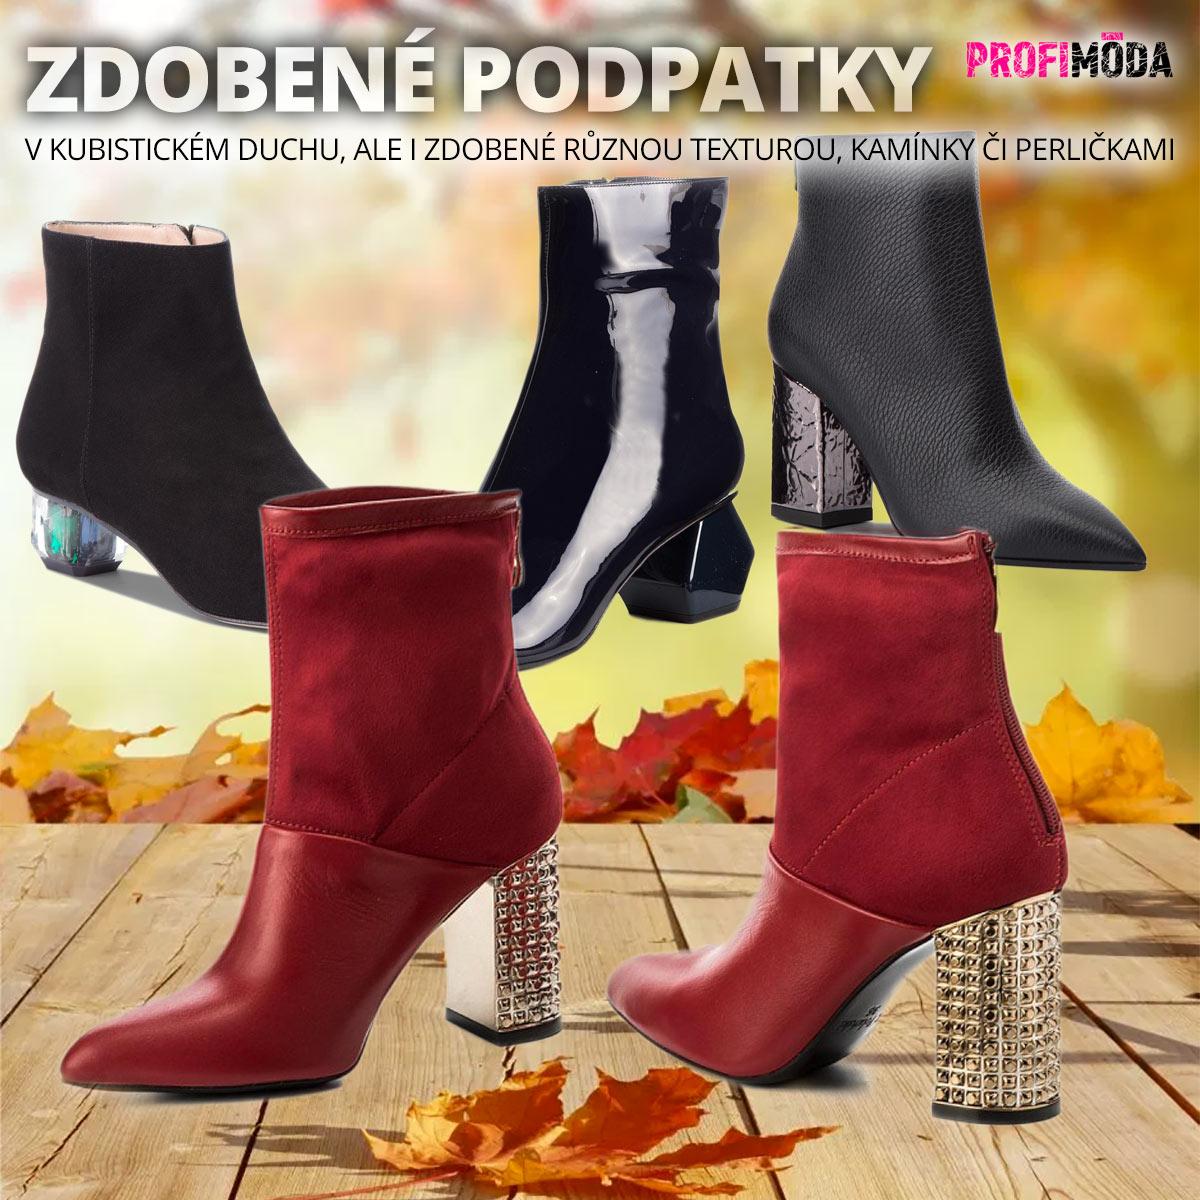 Dámské podzimní boty na podpatku ukazují, že podpatek dokáže vypadat klidně jako šperk.